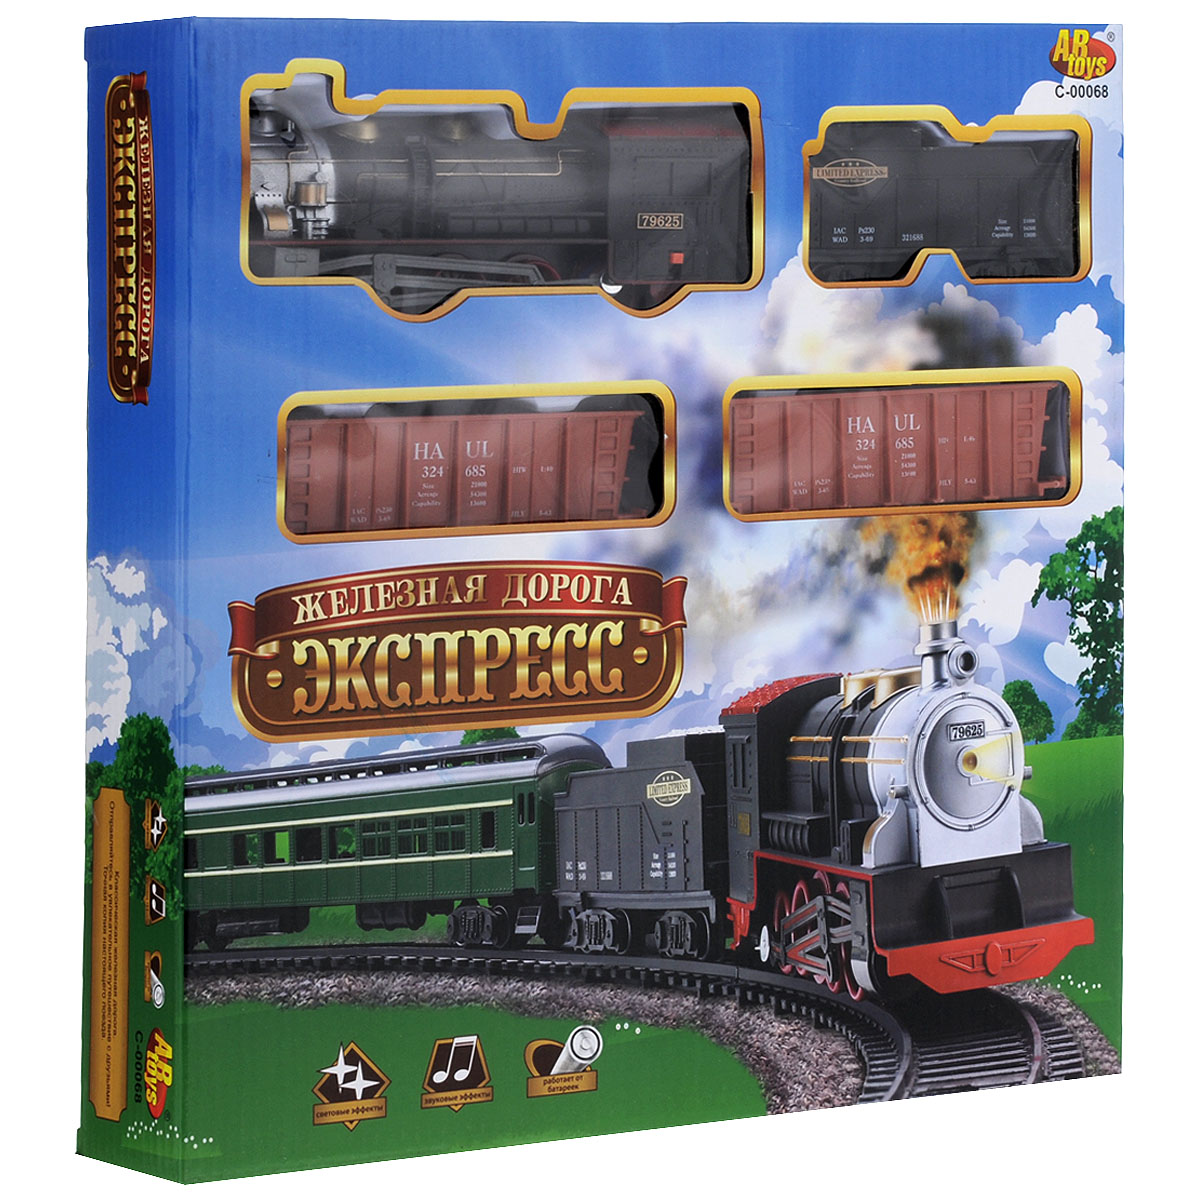 Железная дорога Экспресс, 16 элементов. C-00068 (A36-25) конструкторы abtoys металлический рабочие машины 206 элементов